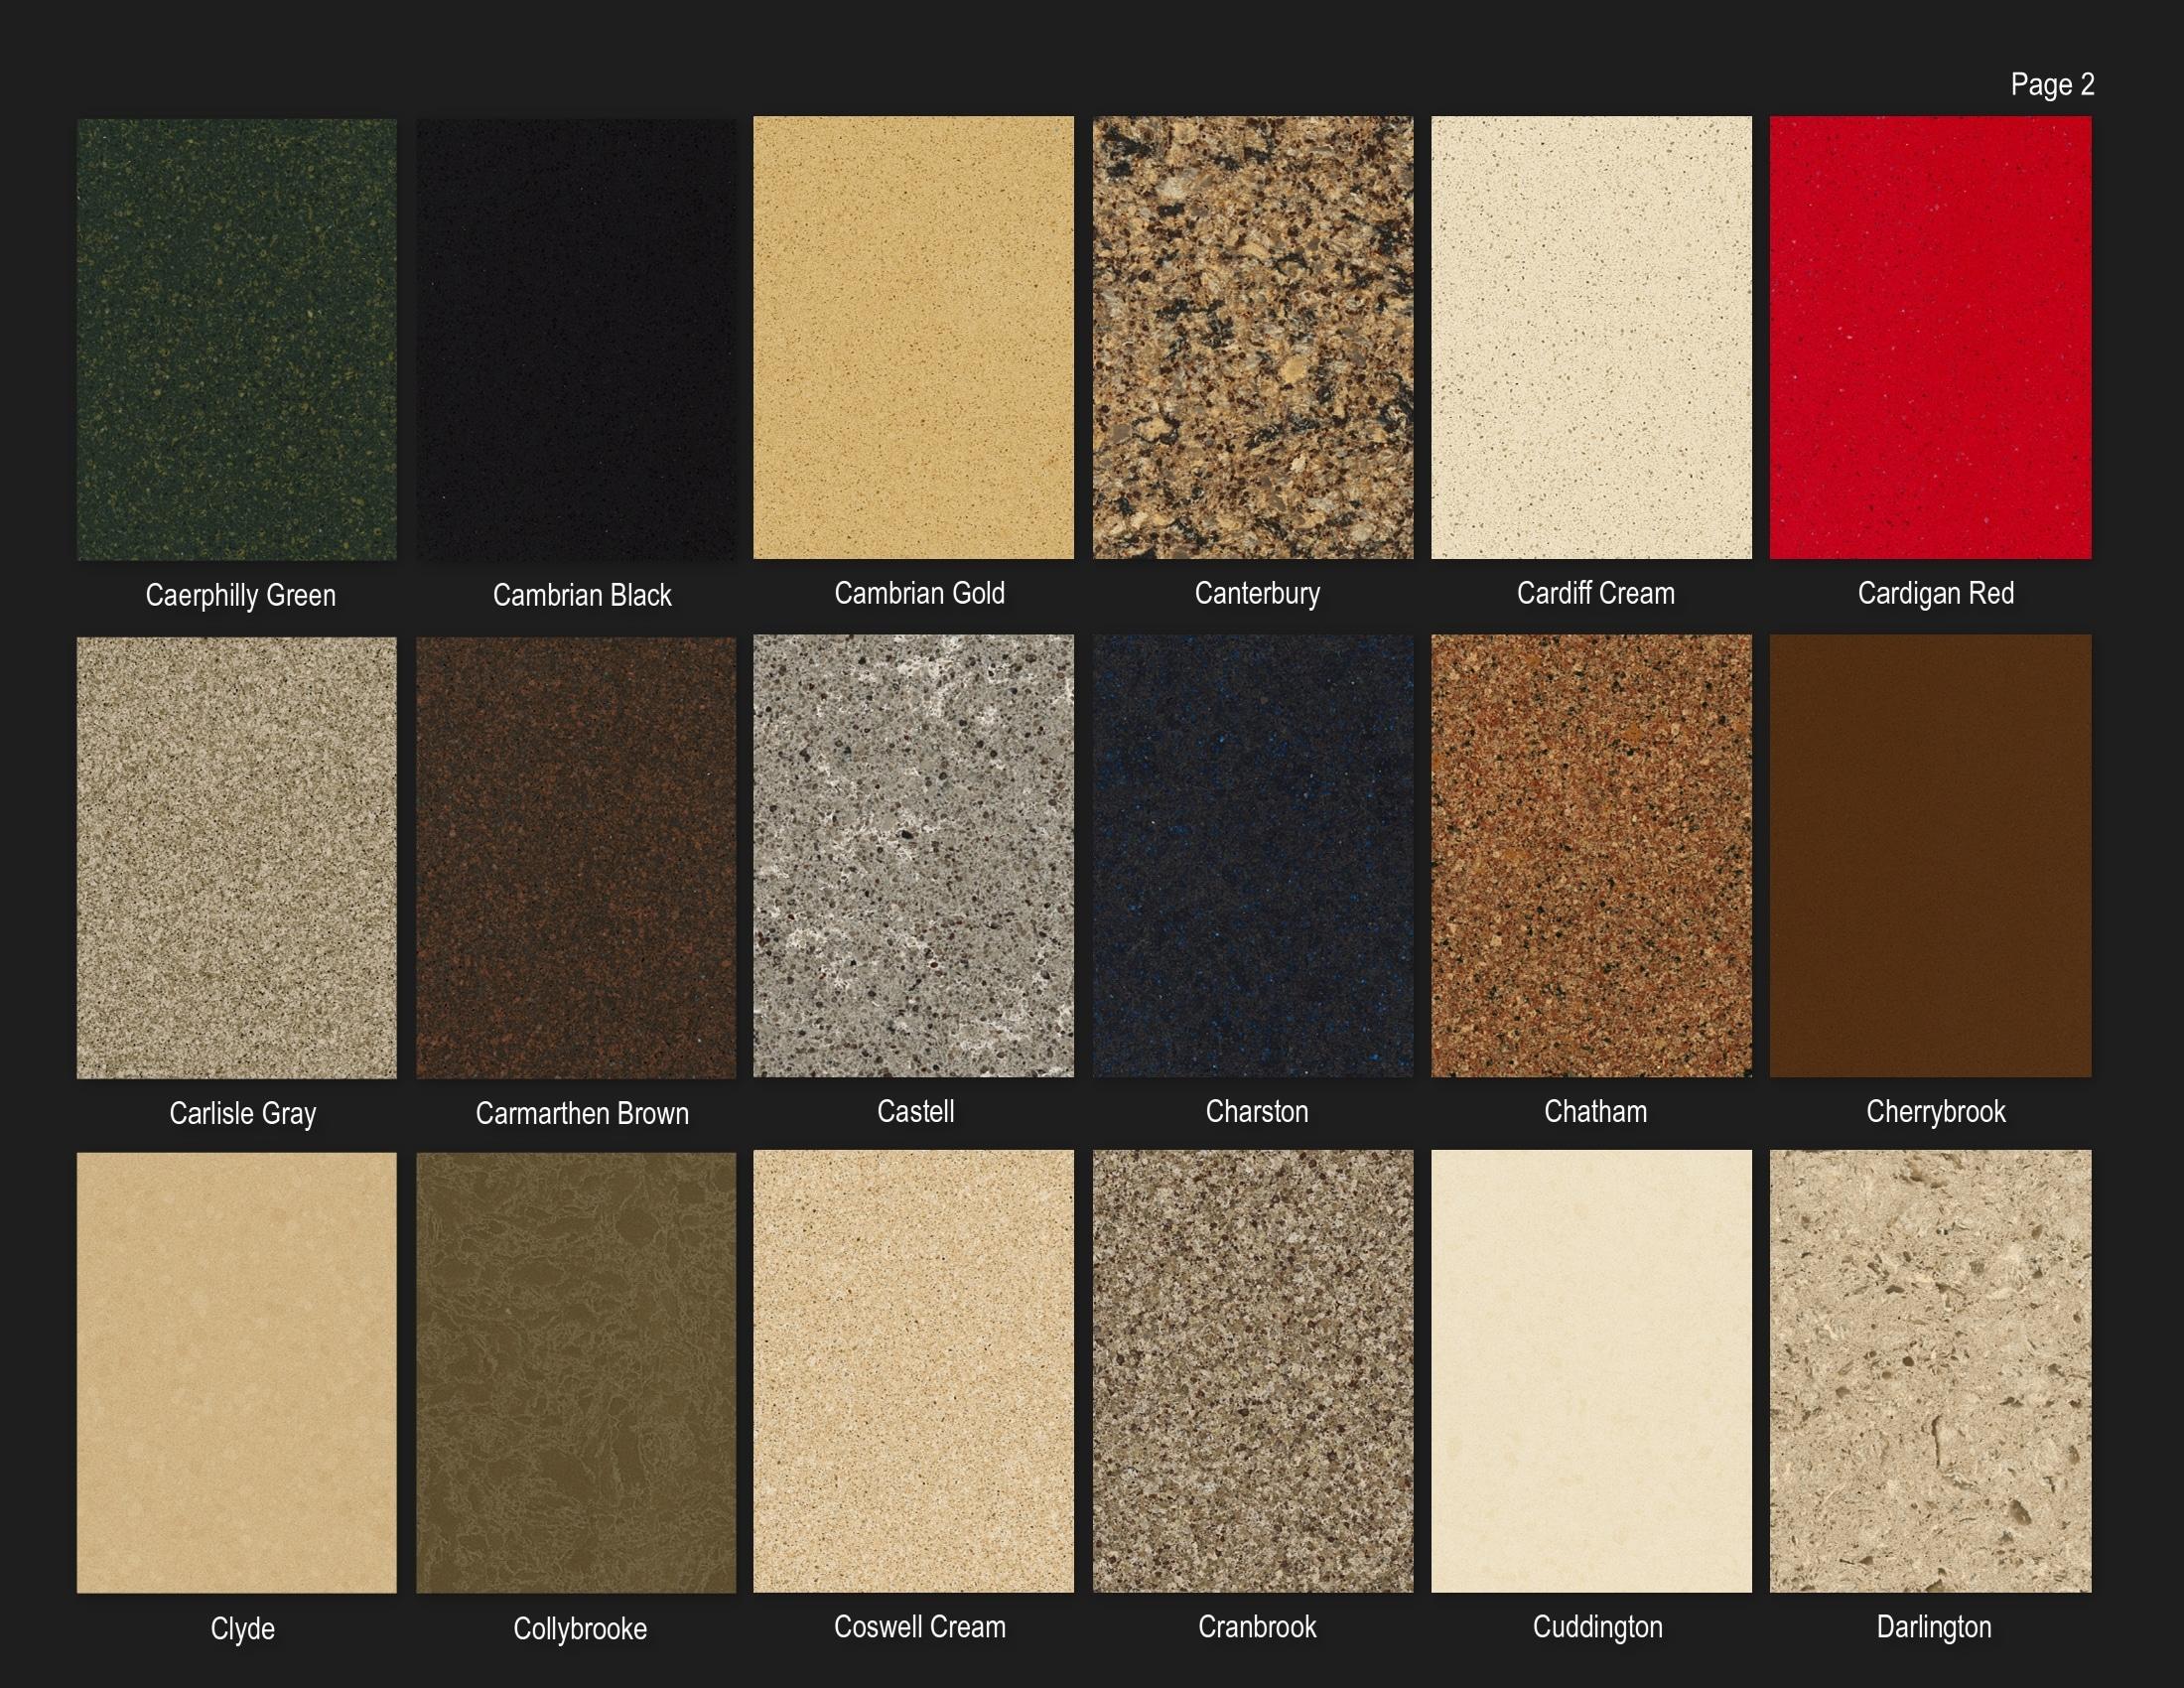 Cambria Countertops Cambrian Black Granite Hanstone Quartz Countertops  Price Of Quartz Countertops Hanstone Quartz Dealers Silestone Quartz Colors Silestone  ...